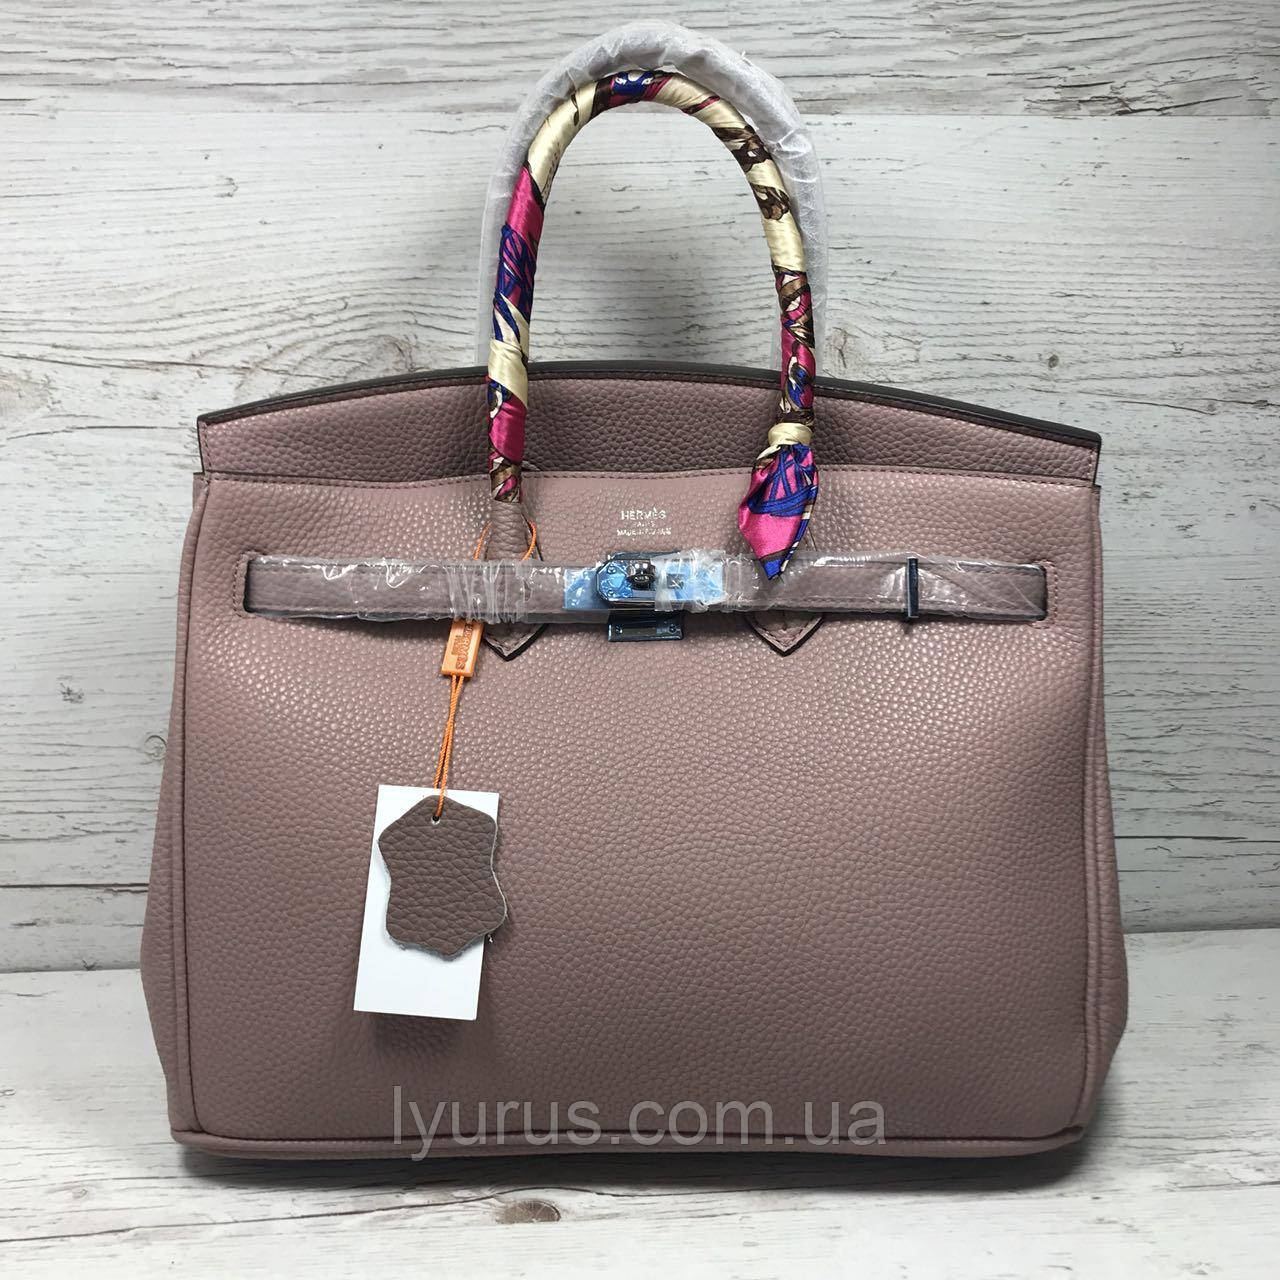 Женская сумка в стиле Hermes Birkin